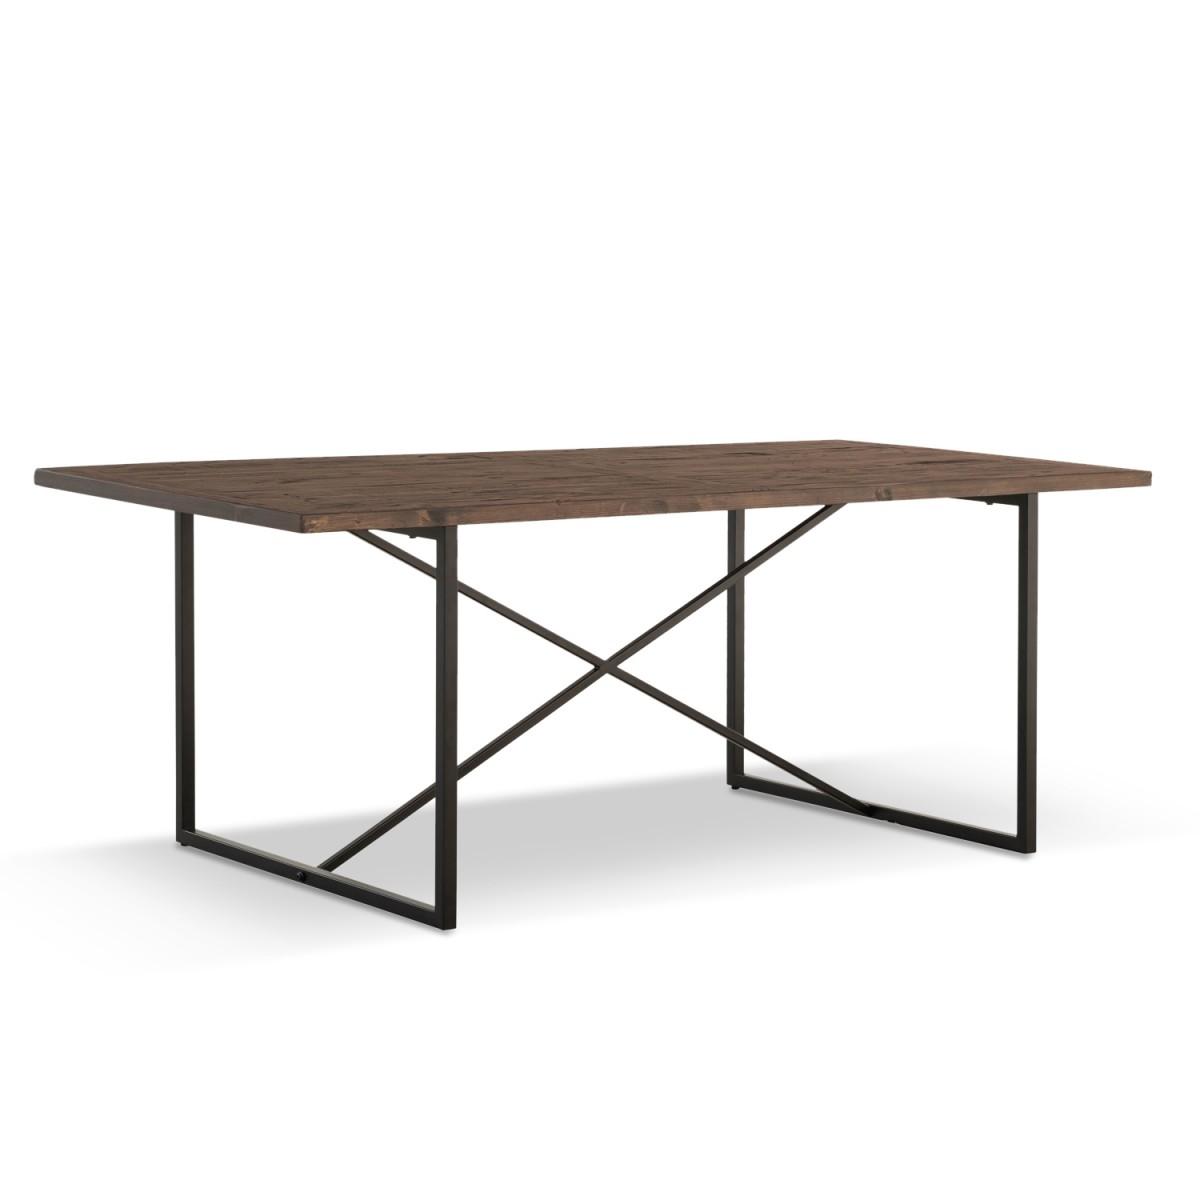 Table à manger Bois Métal Marron 200x100x76cm